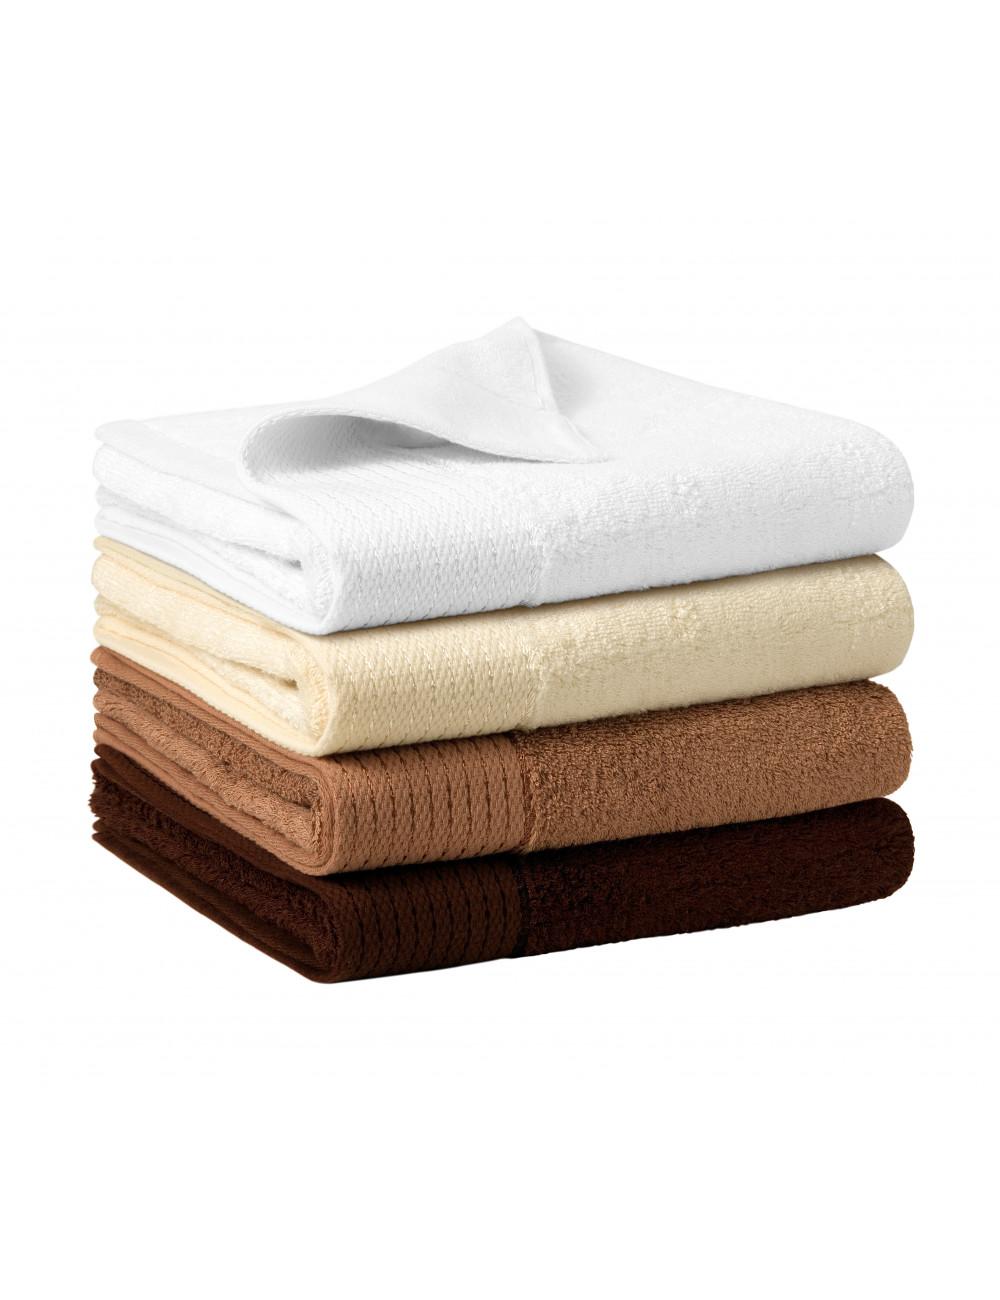 Adler MALFINIPREMIUM Ręcznik unisex Bamboo Towel 951 migdałowy